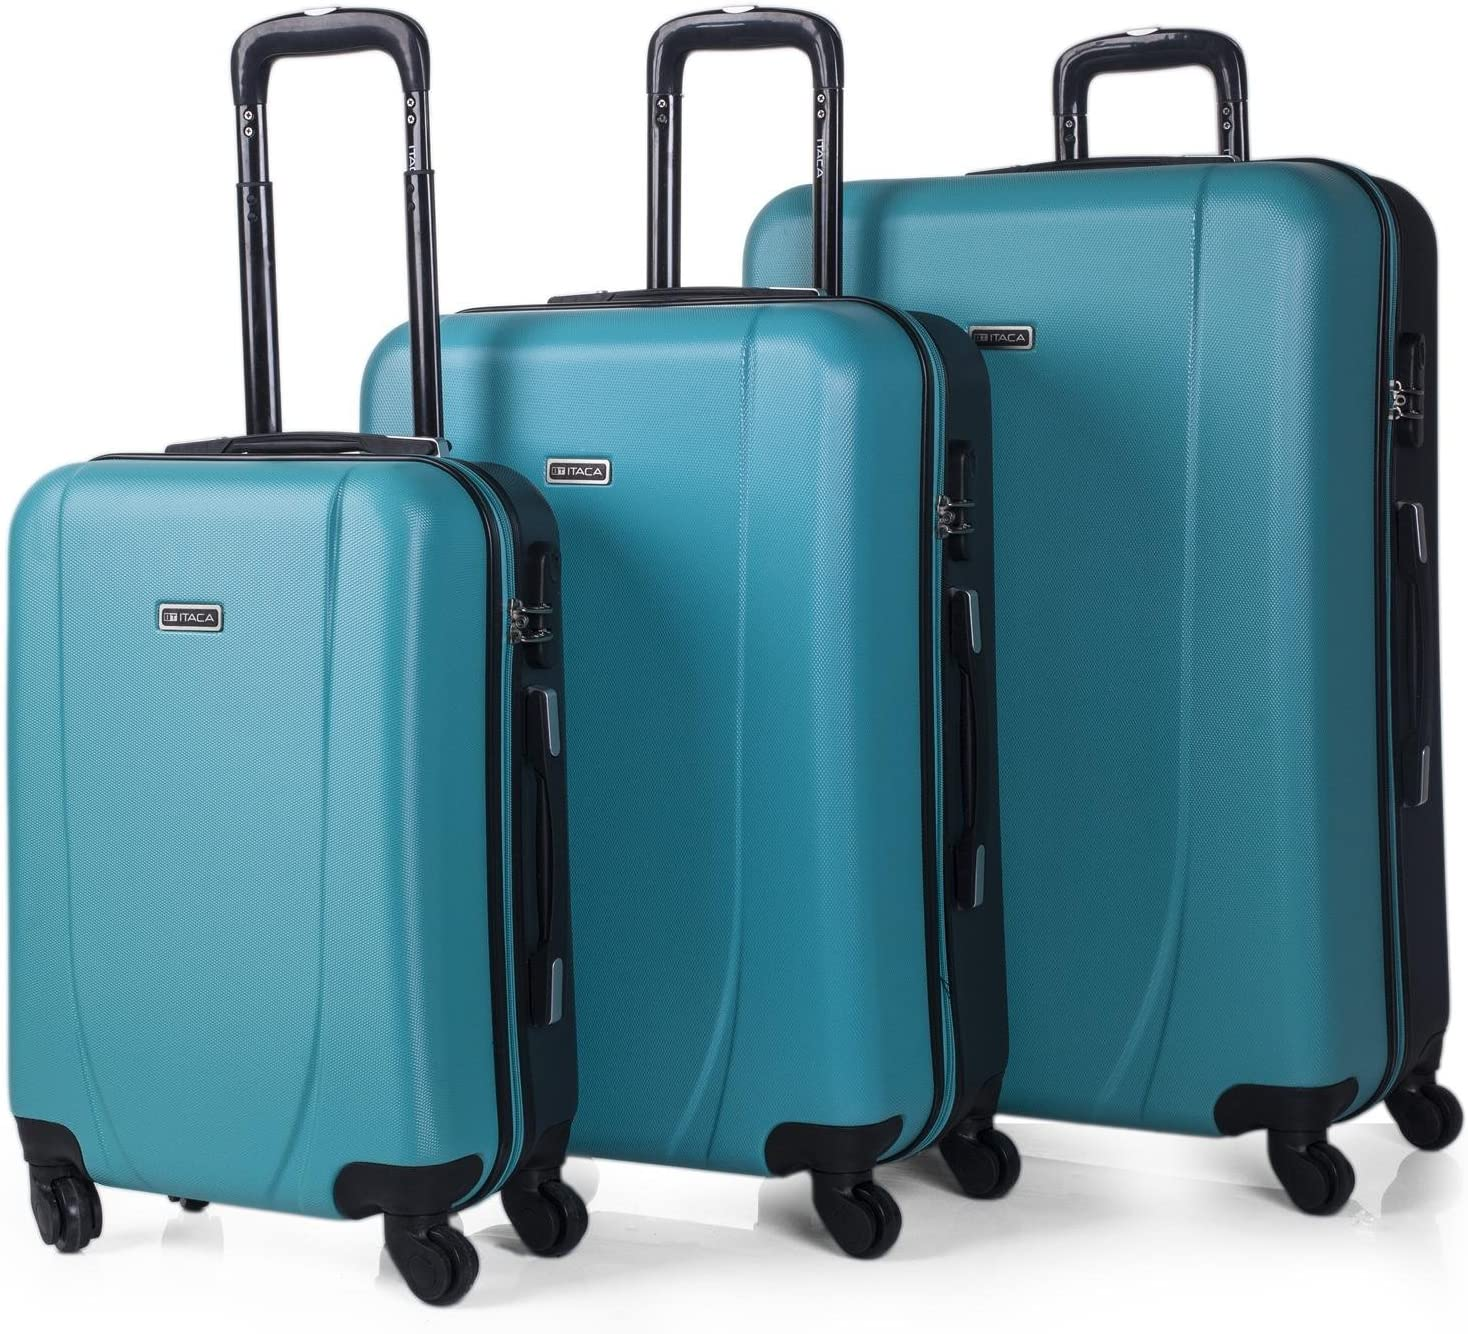 ITACA - Juego de Maletas de Viaje Rígidas 4 Ruedas Trolley 55/65/75 cm ABS. Buenas Cómodas y Ligeras. Candado. Grande Mediana y Pequeña Cabina Ryanair. 7110, Color Turquesa-Antracita